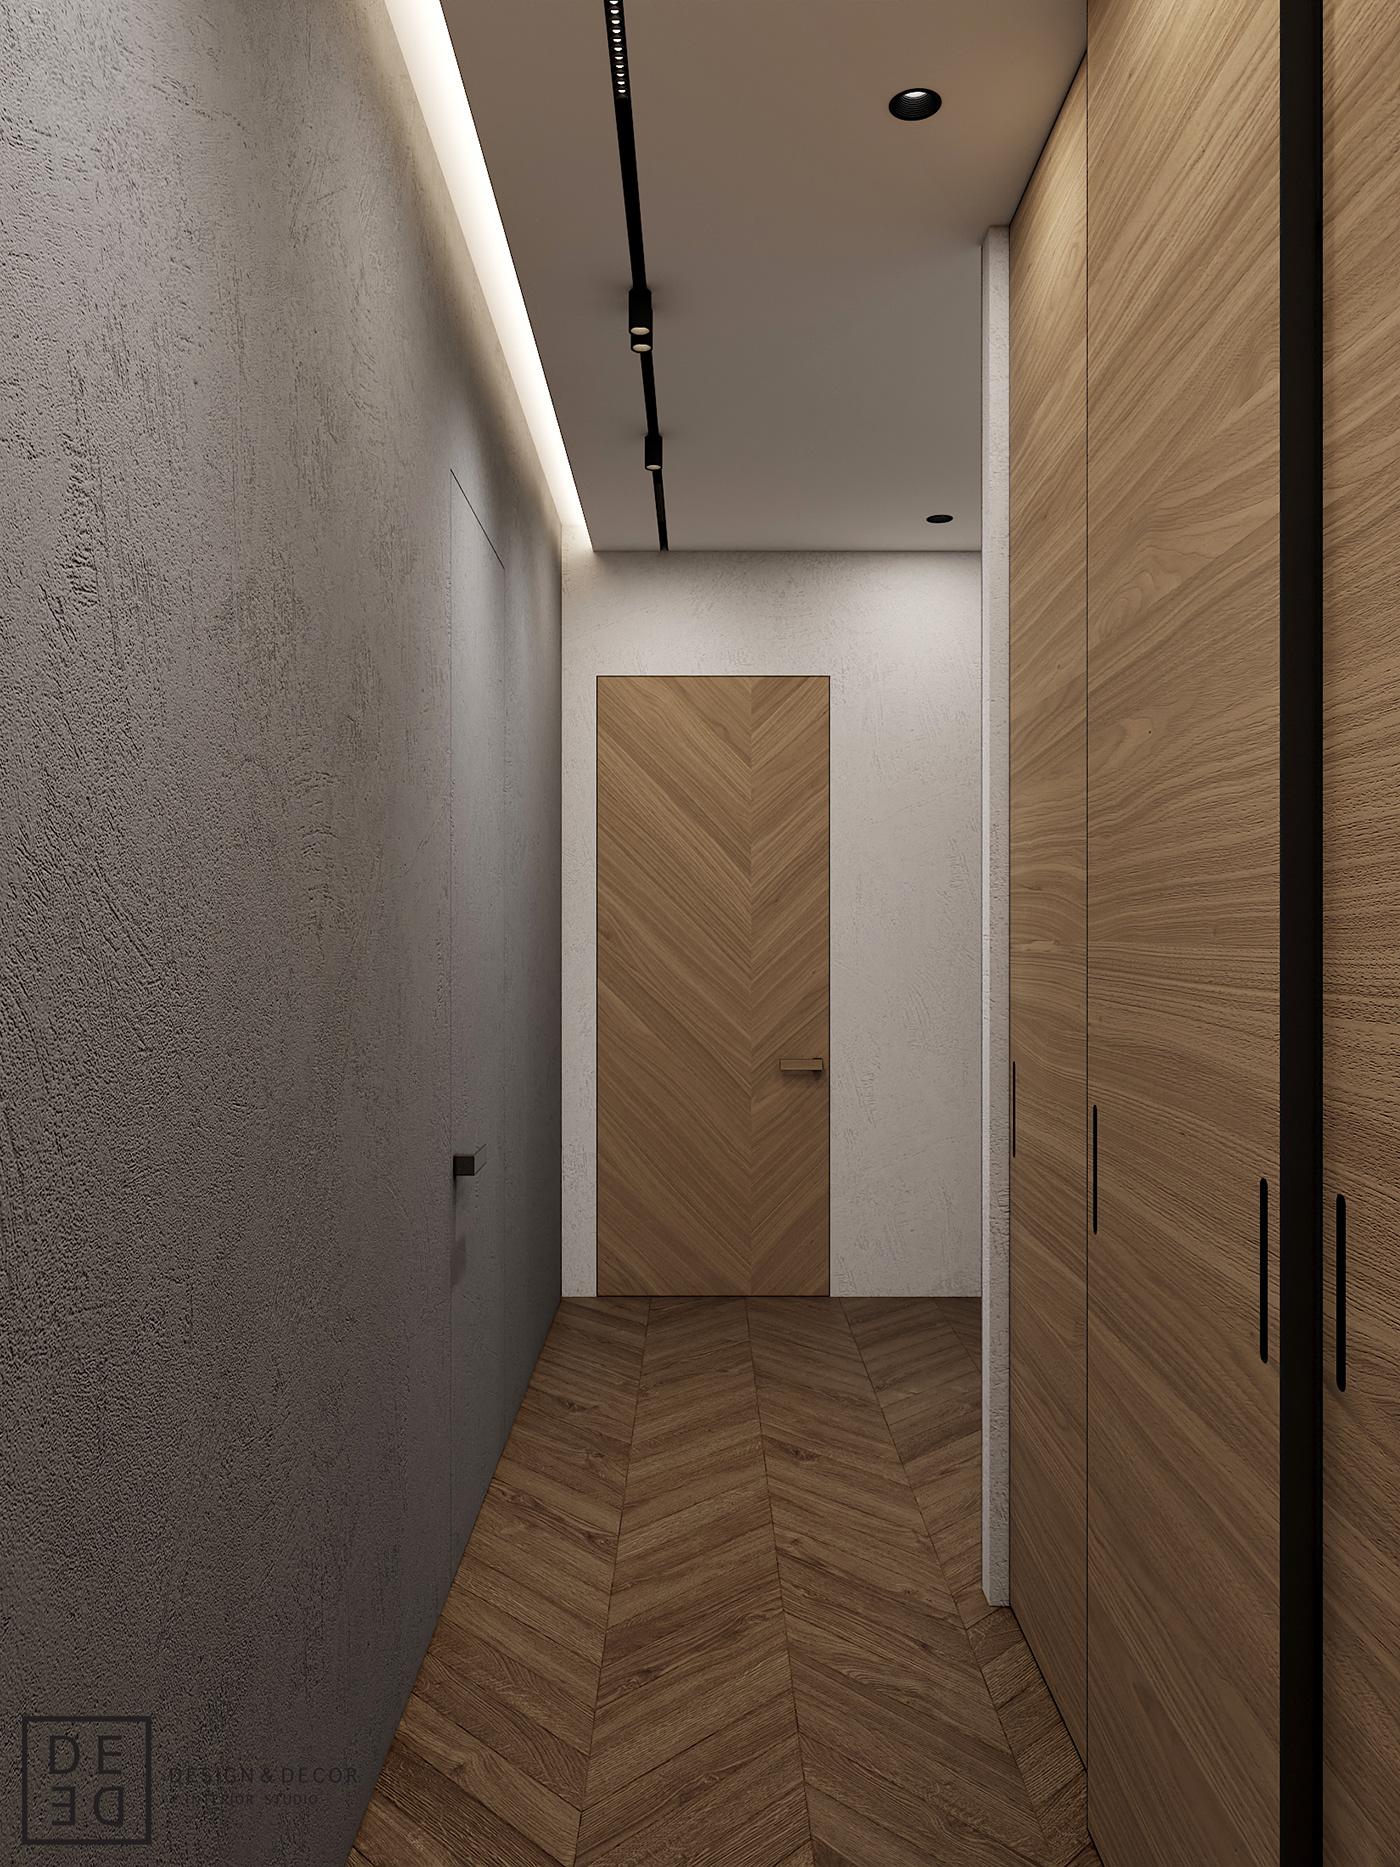 Interior INTRIORDESIGN architecture design 3ds max apartments DE&DE Interior Studio CoronaRender  photoshop